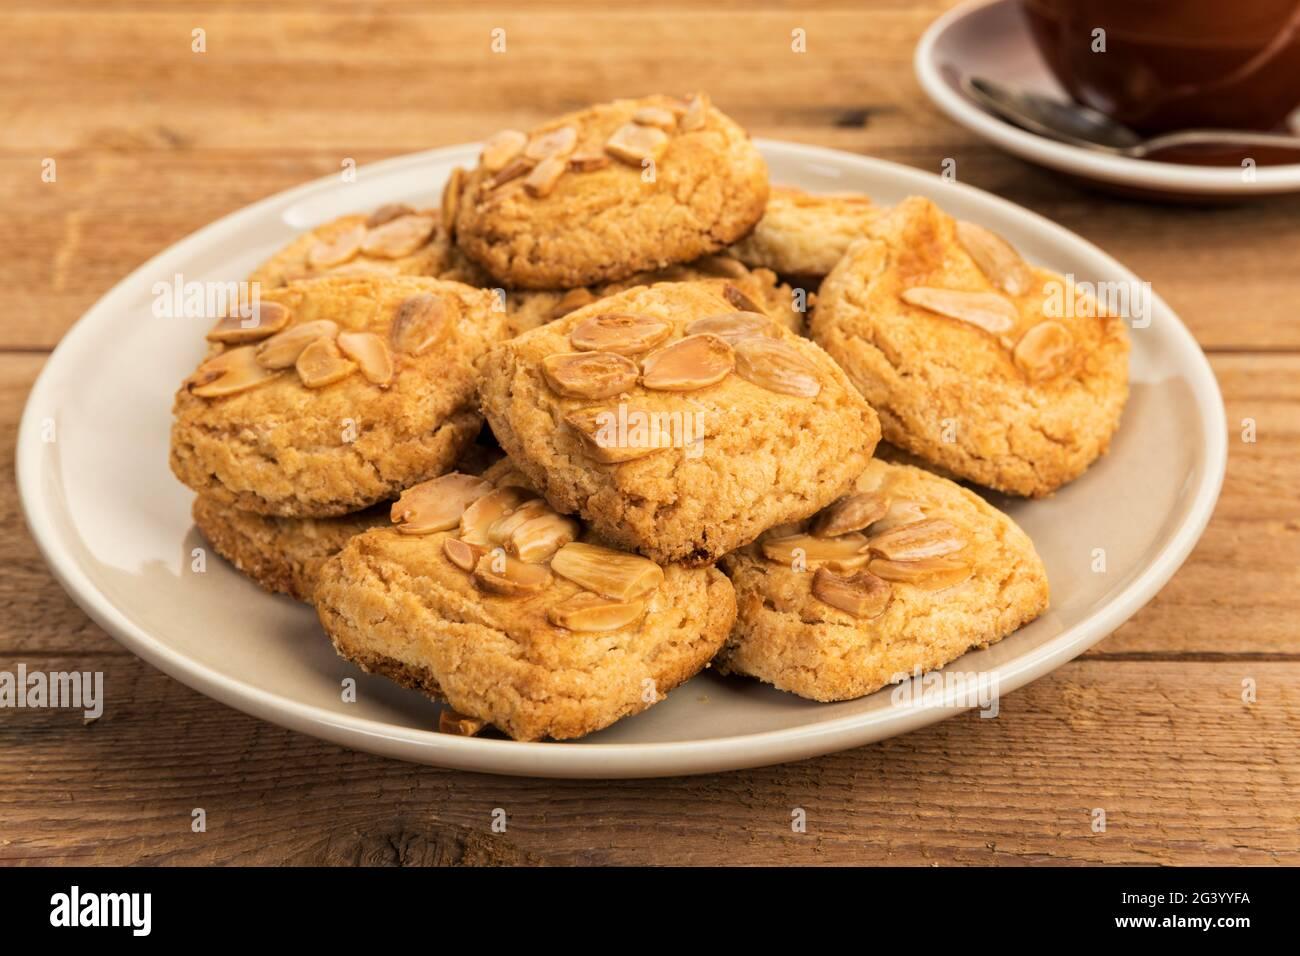 Biscotti Almendrados spagnoli con mandorle su un piatto, su un tavolino rustico Foto Stock